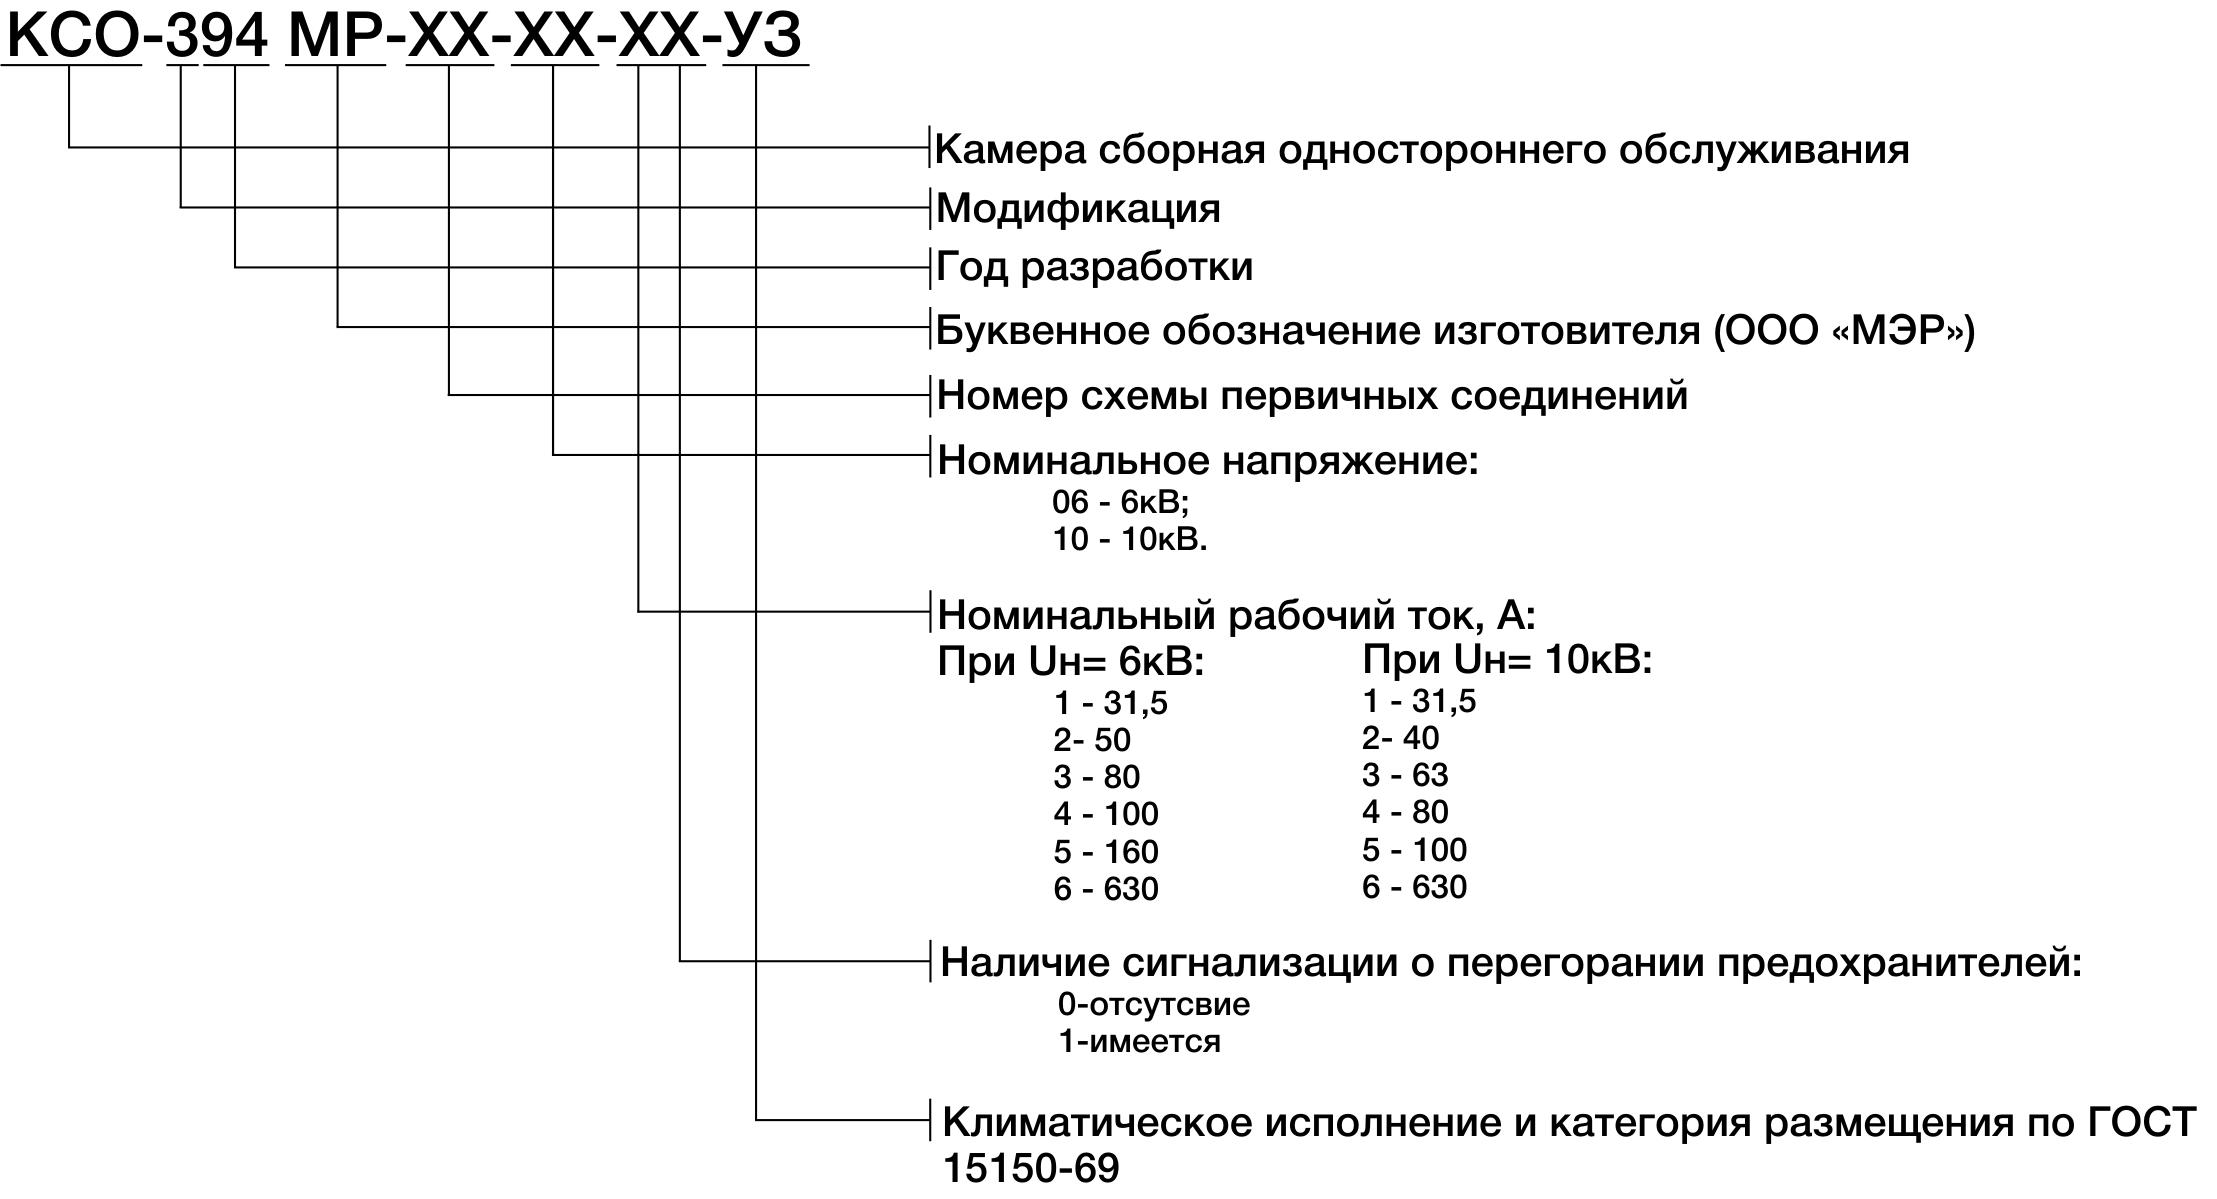 Структура условного обозначения КСО-394МР